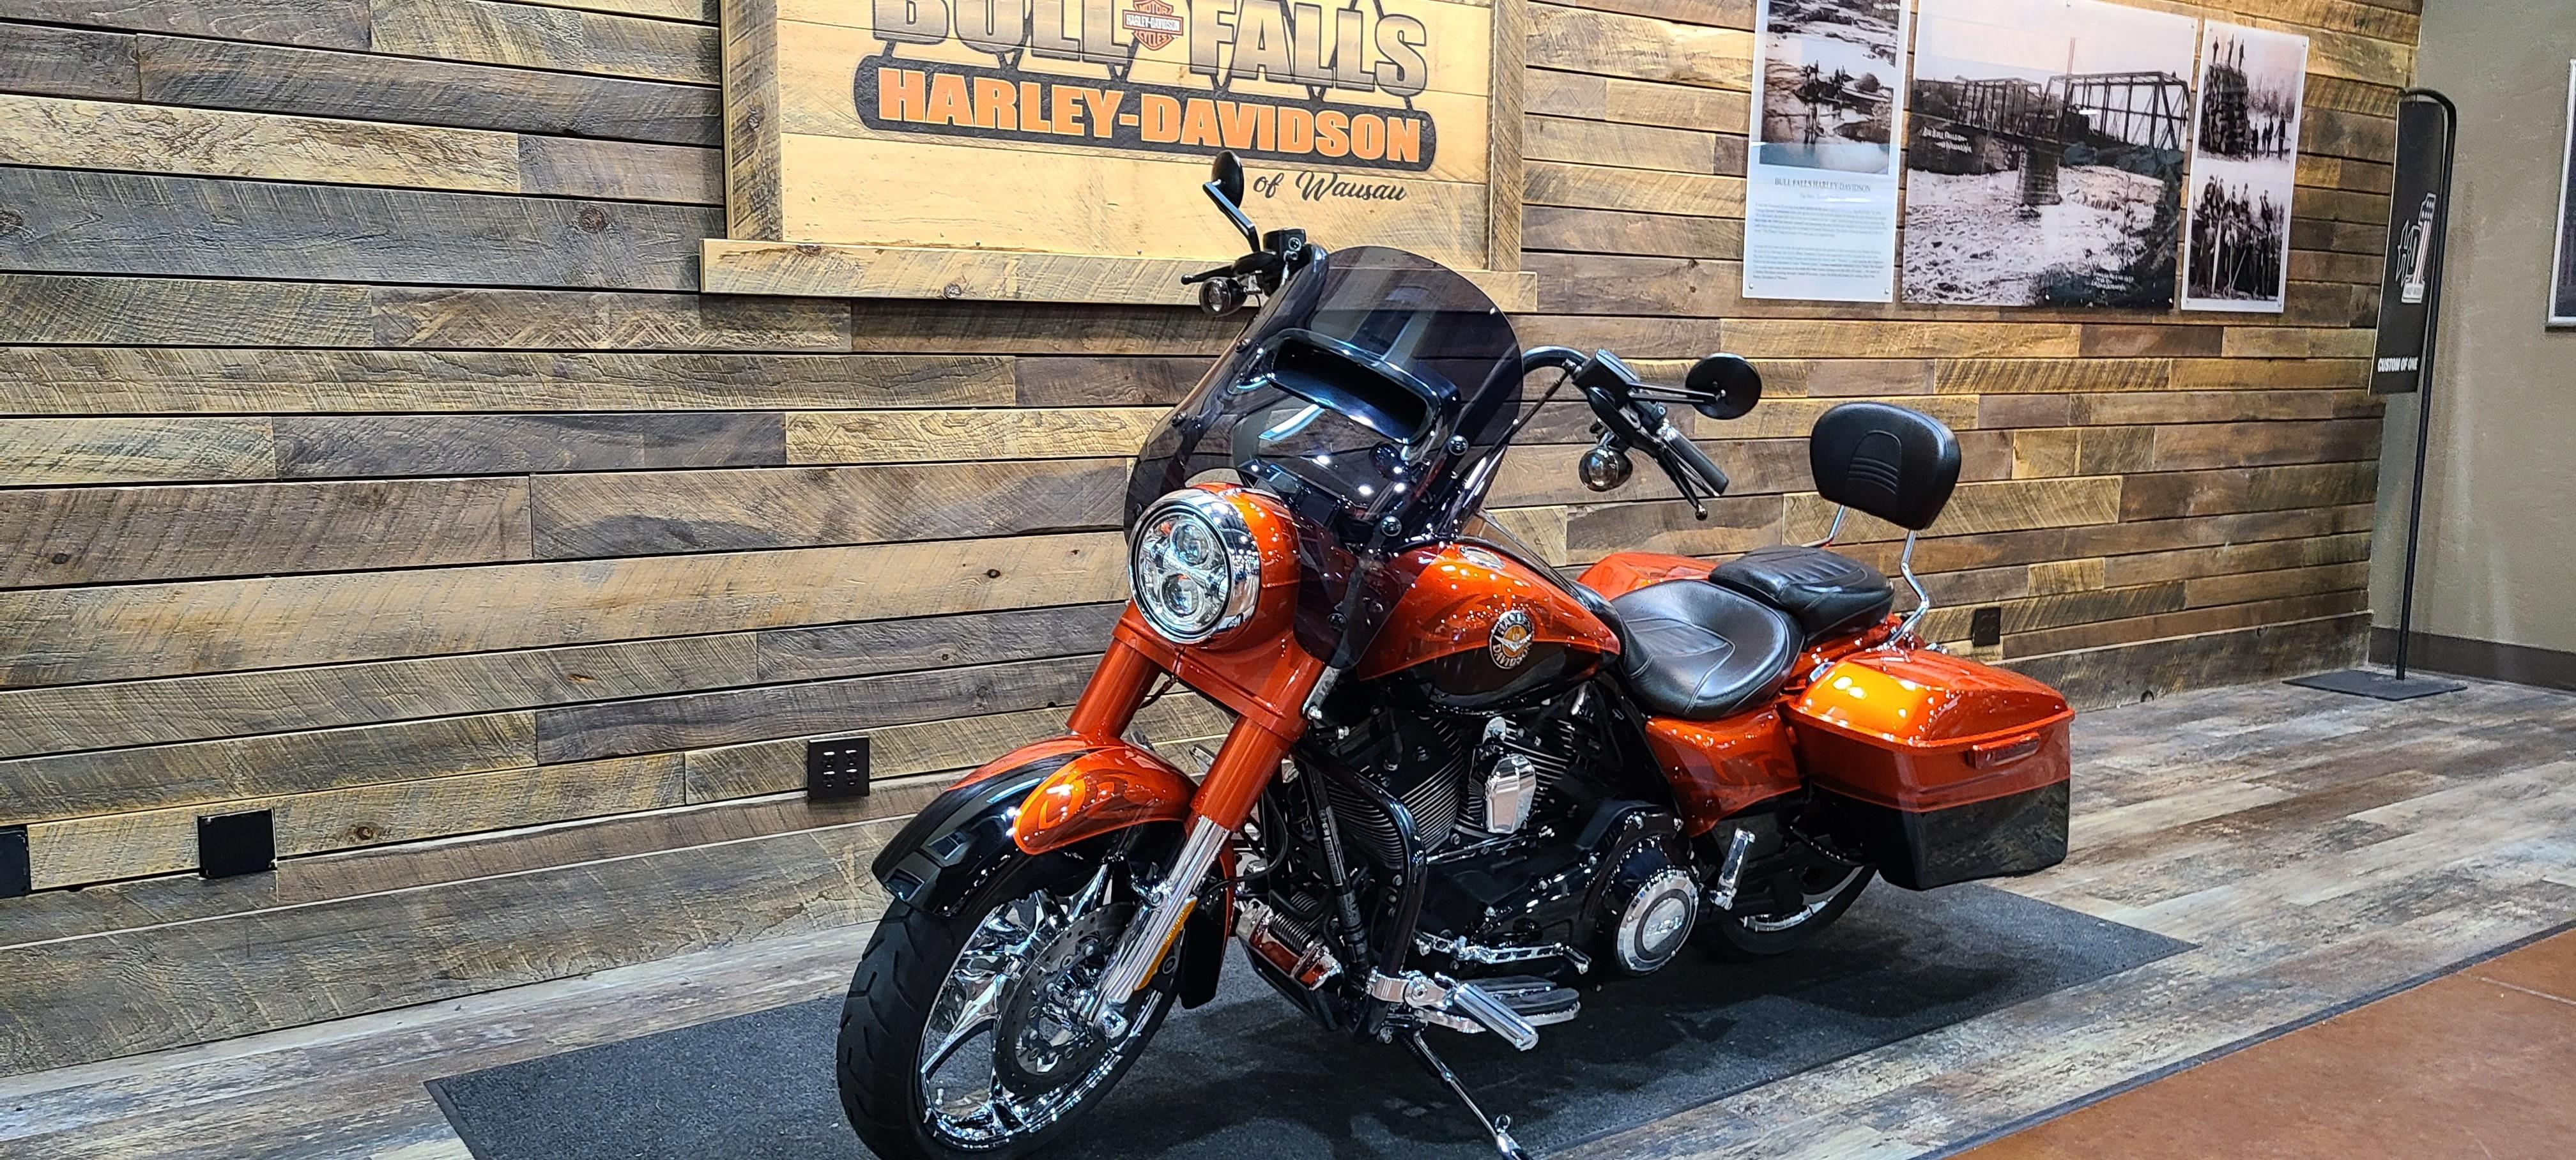 2014 Harley-Davidson Road King CVO at Bull Falls Harley-Davidson